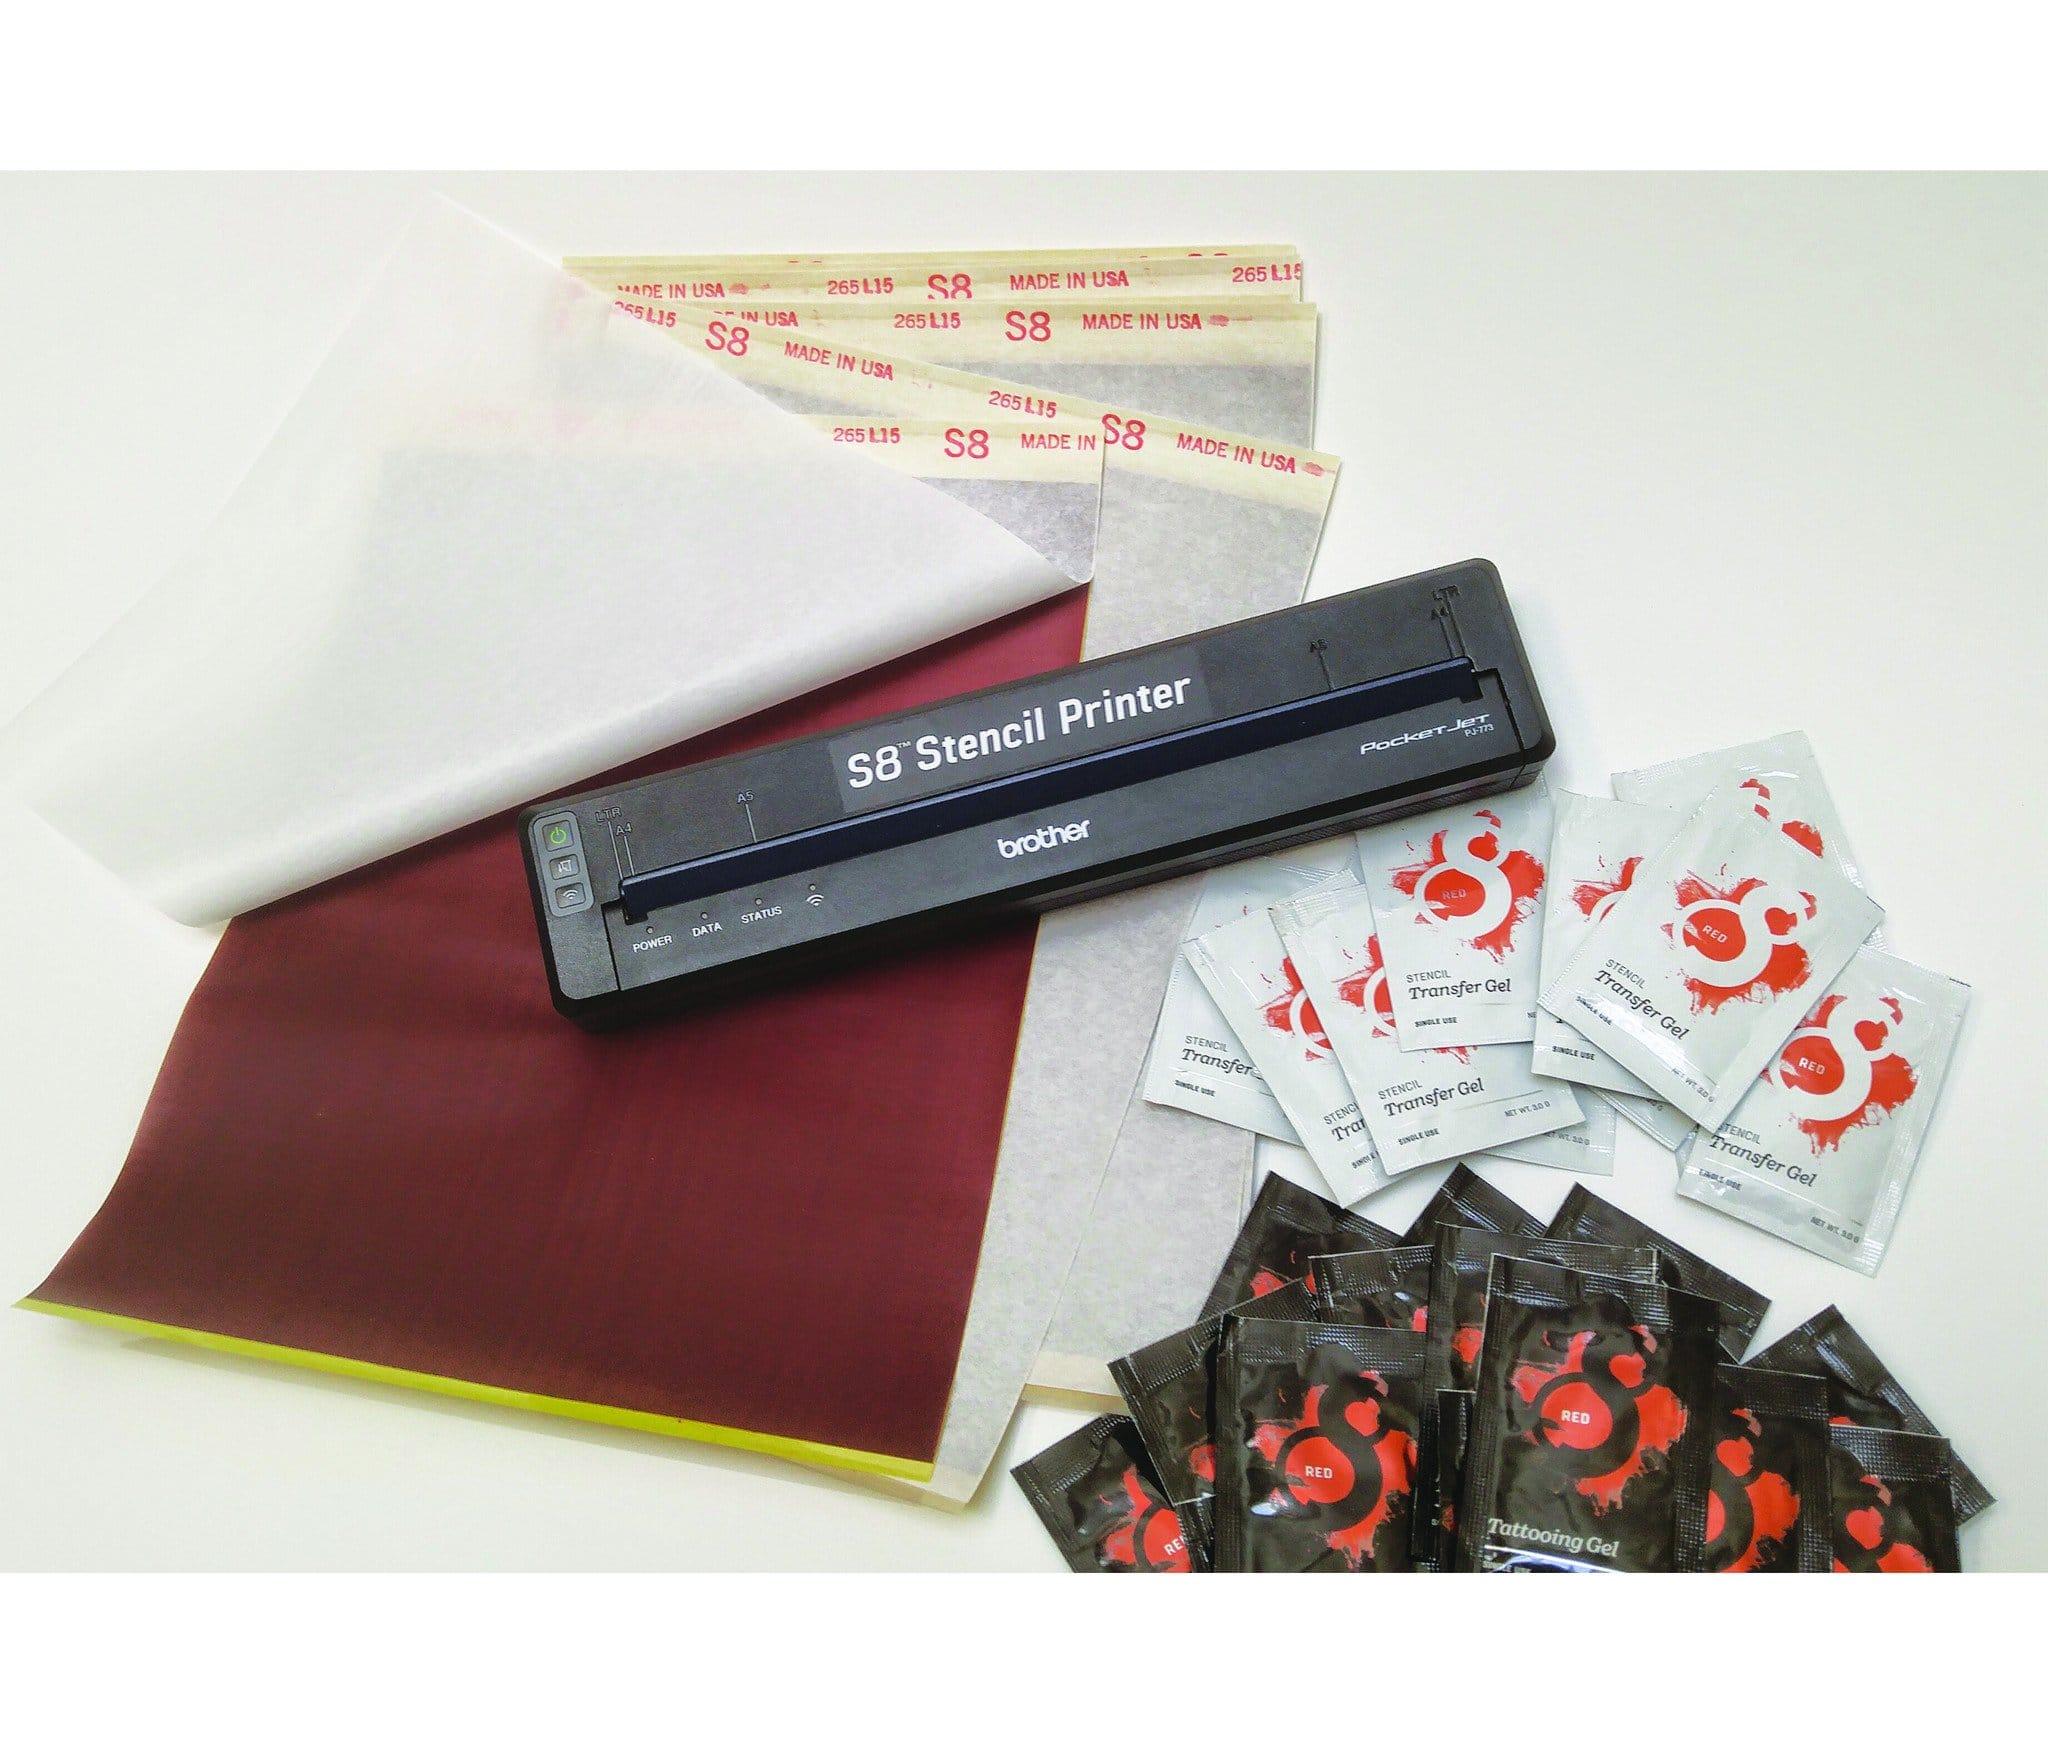 S8 Tattoo Stencil Printer - AirPrint Kit